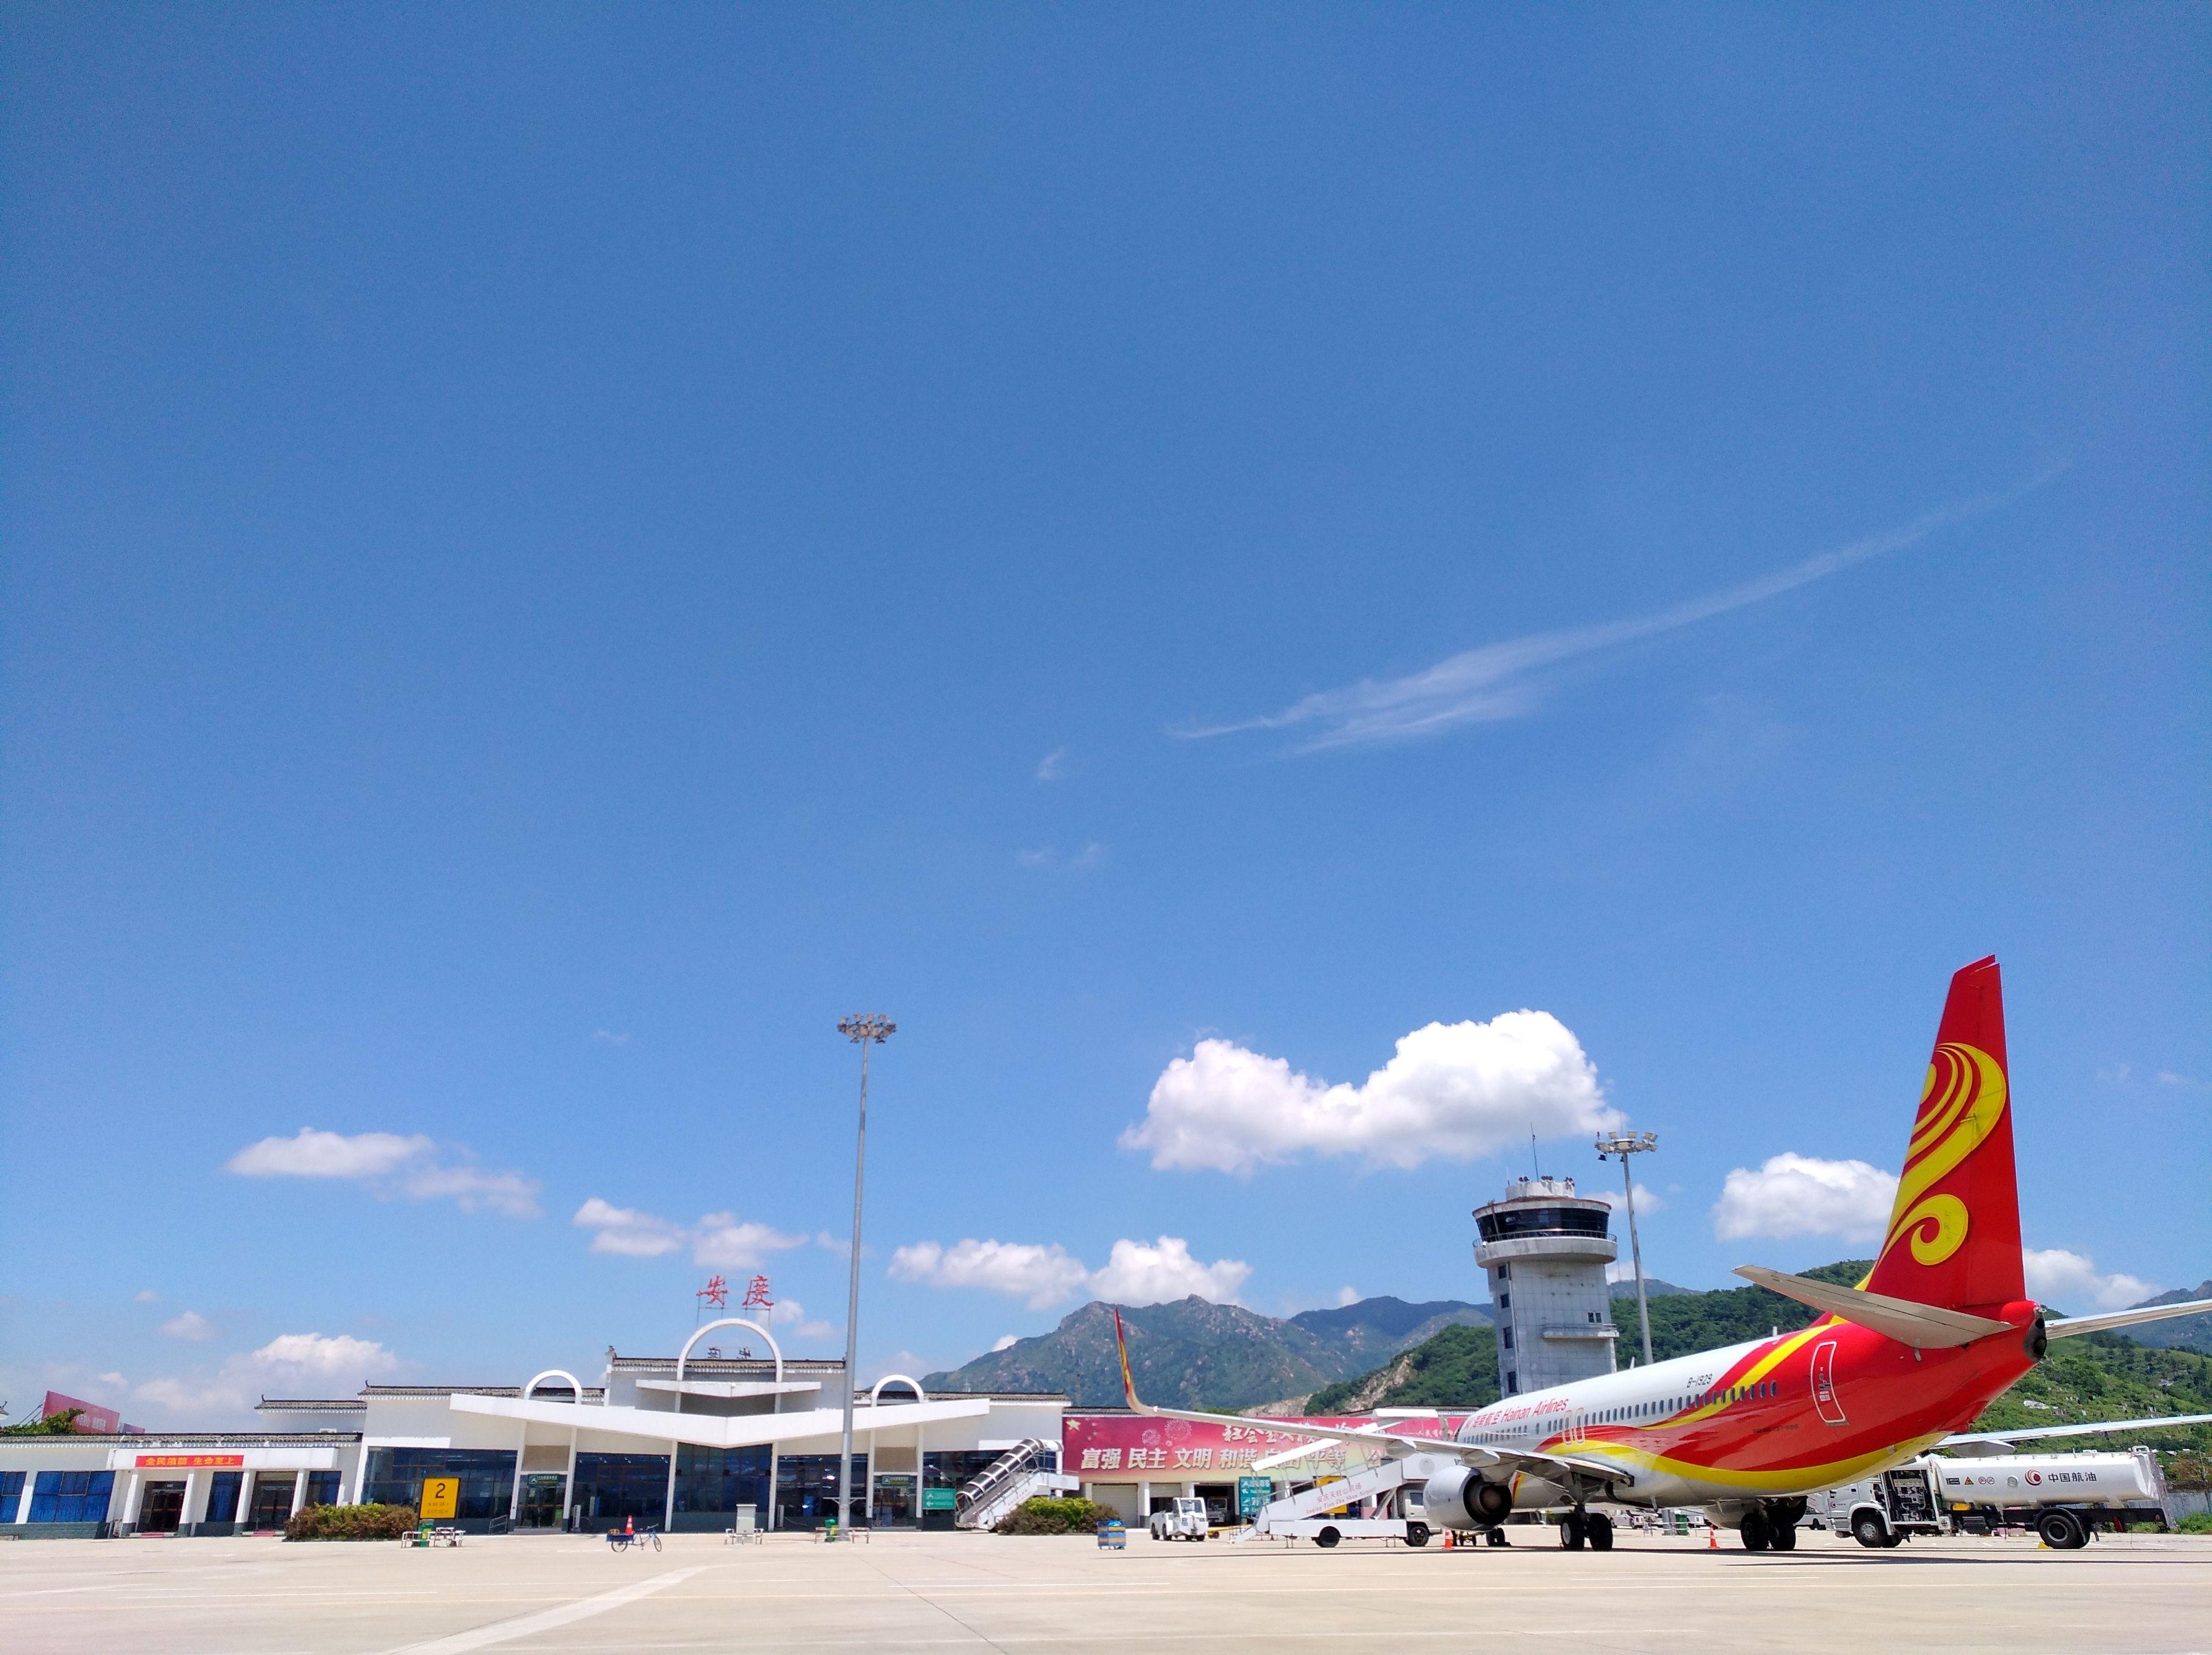 安庆机场较去年提前2个月实现年旅客吞吐量40万人次